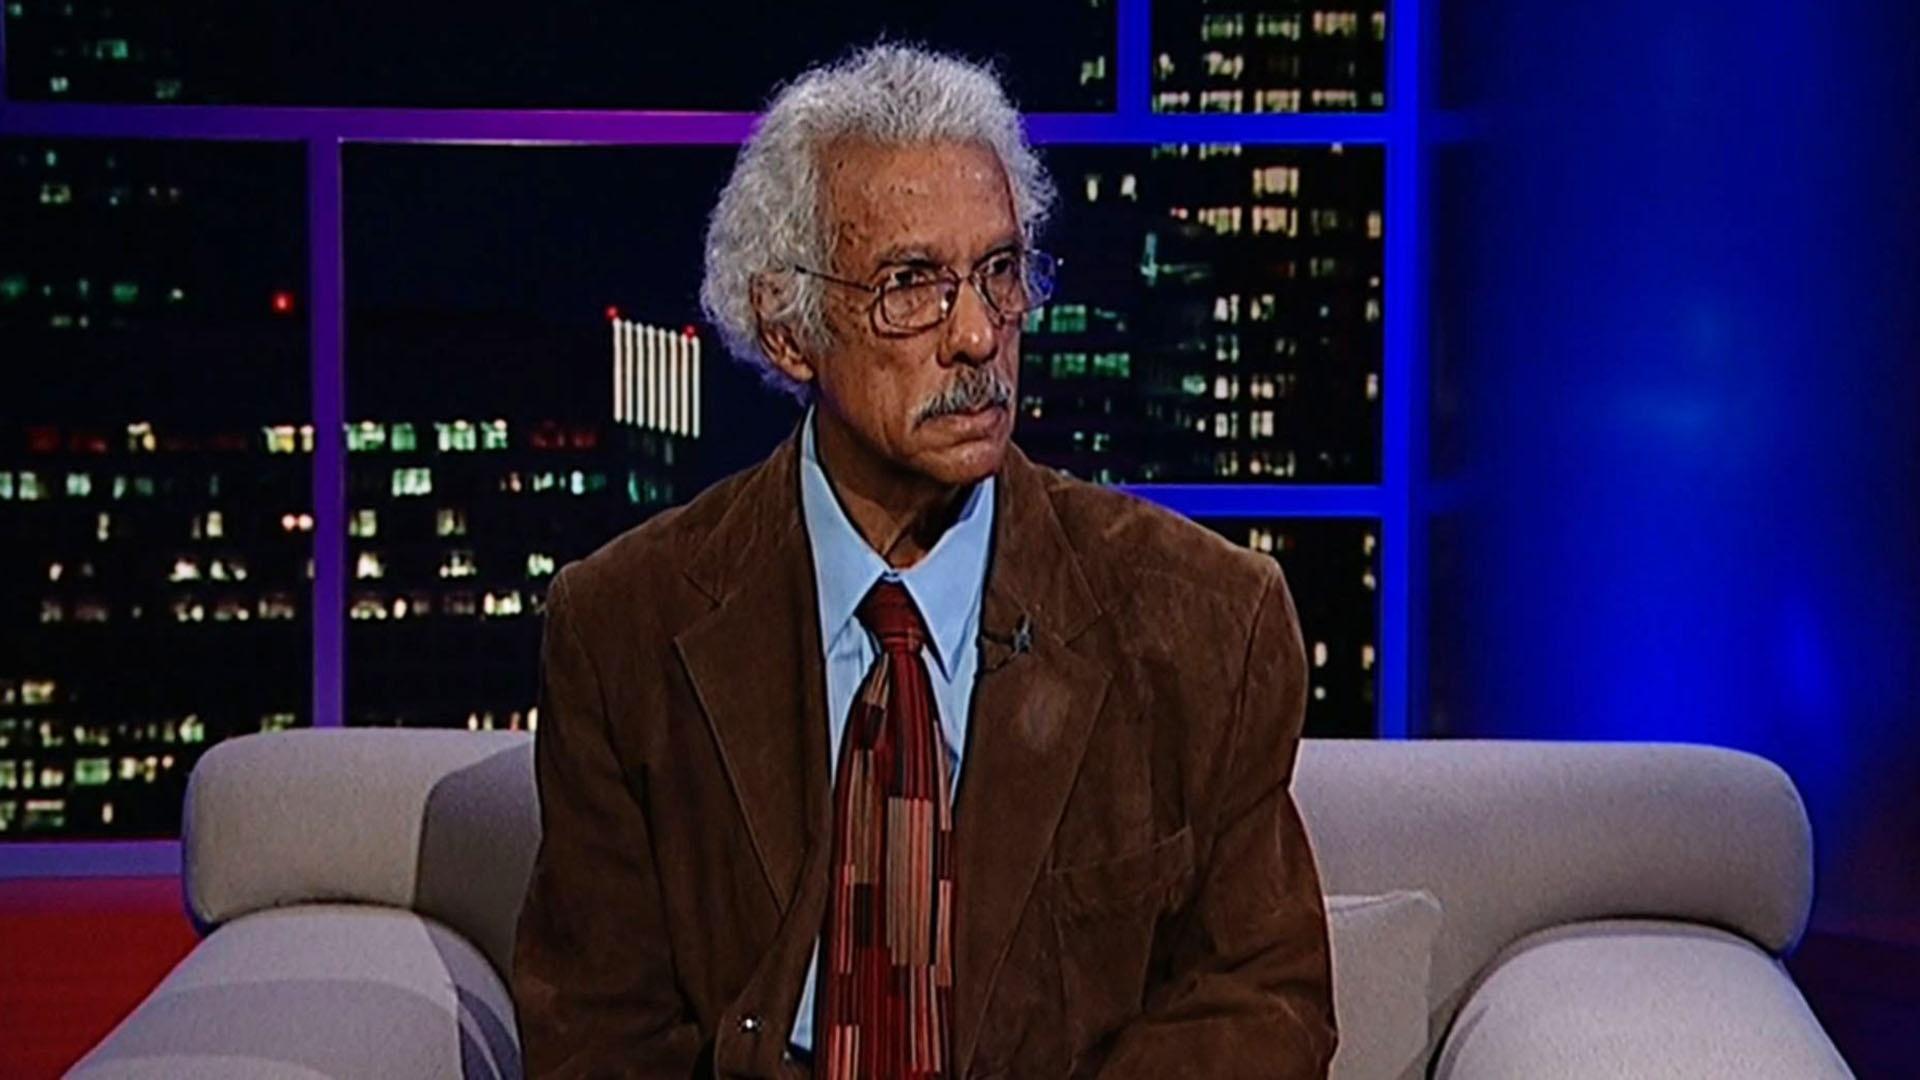 Author & Emeritus Professor Dr. Albert Raboteau